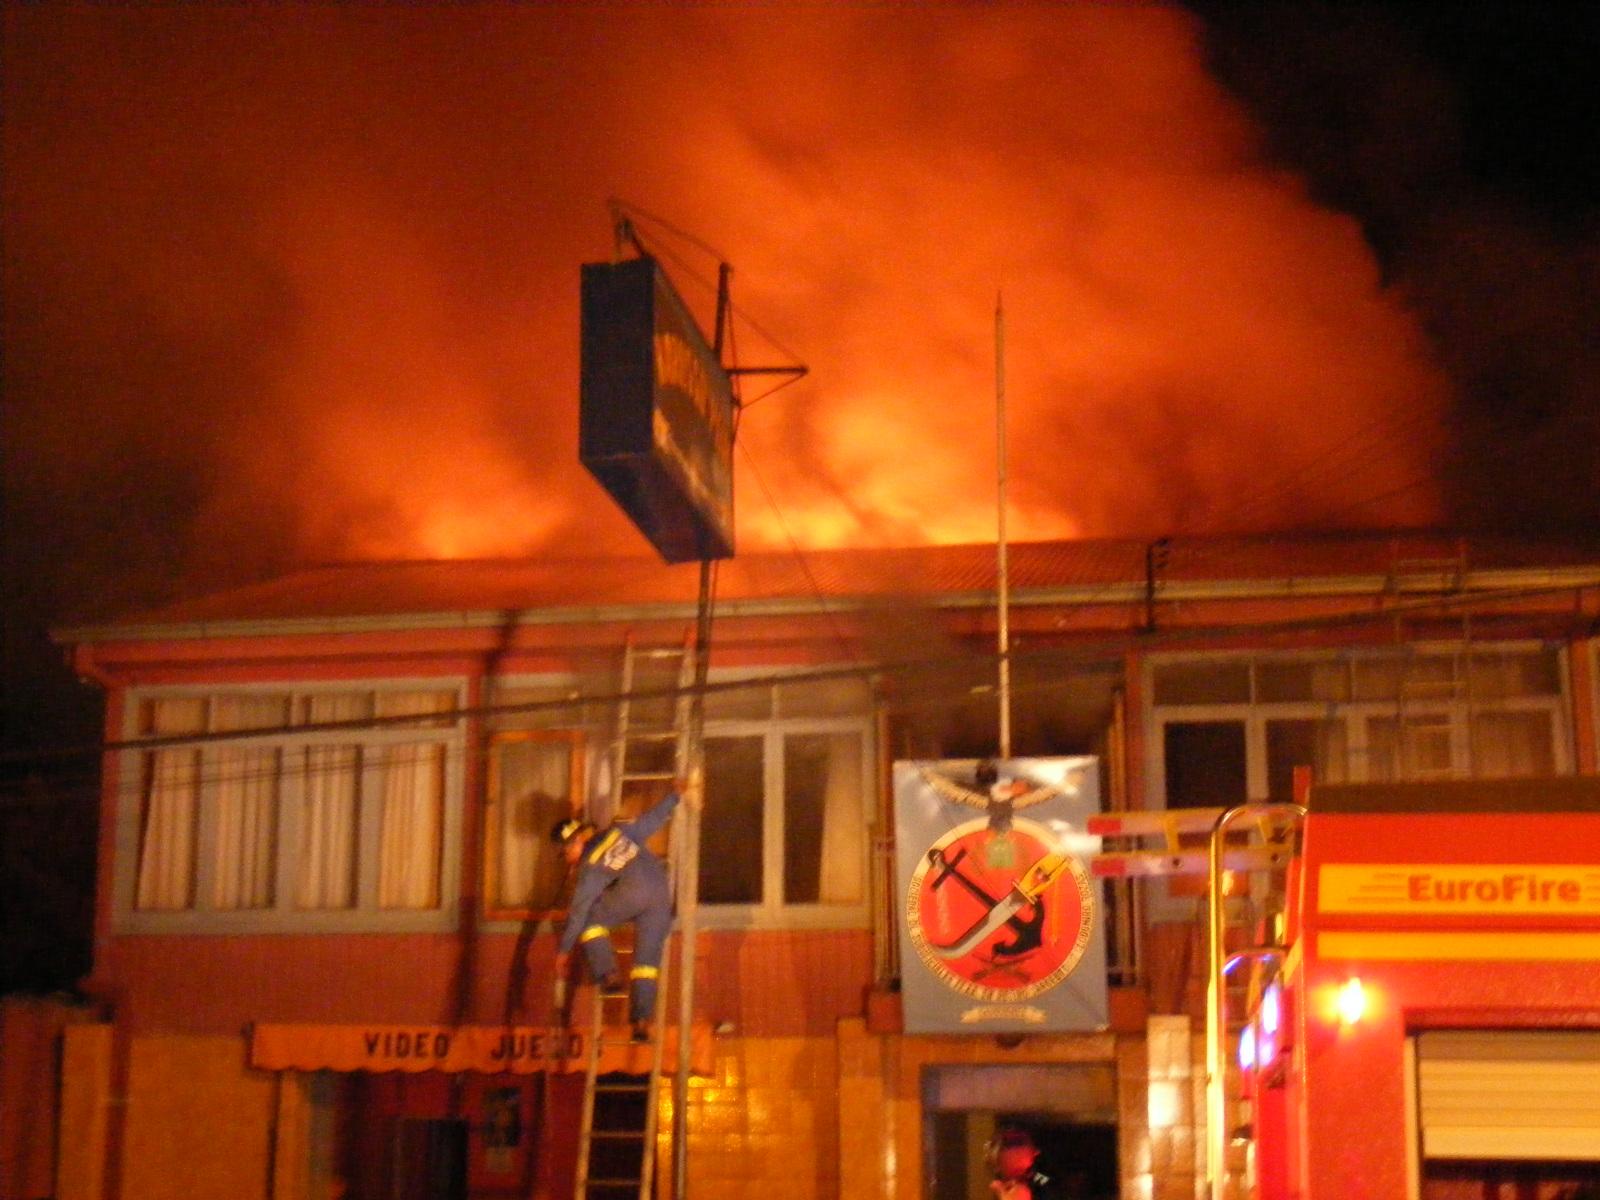 Incendio Consumi Inmueble De Sociedad De Suboficiales En Retiro  # Muebles Cauquenes